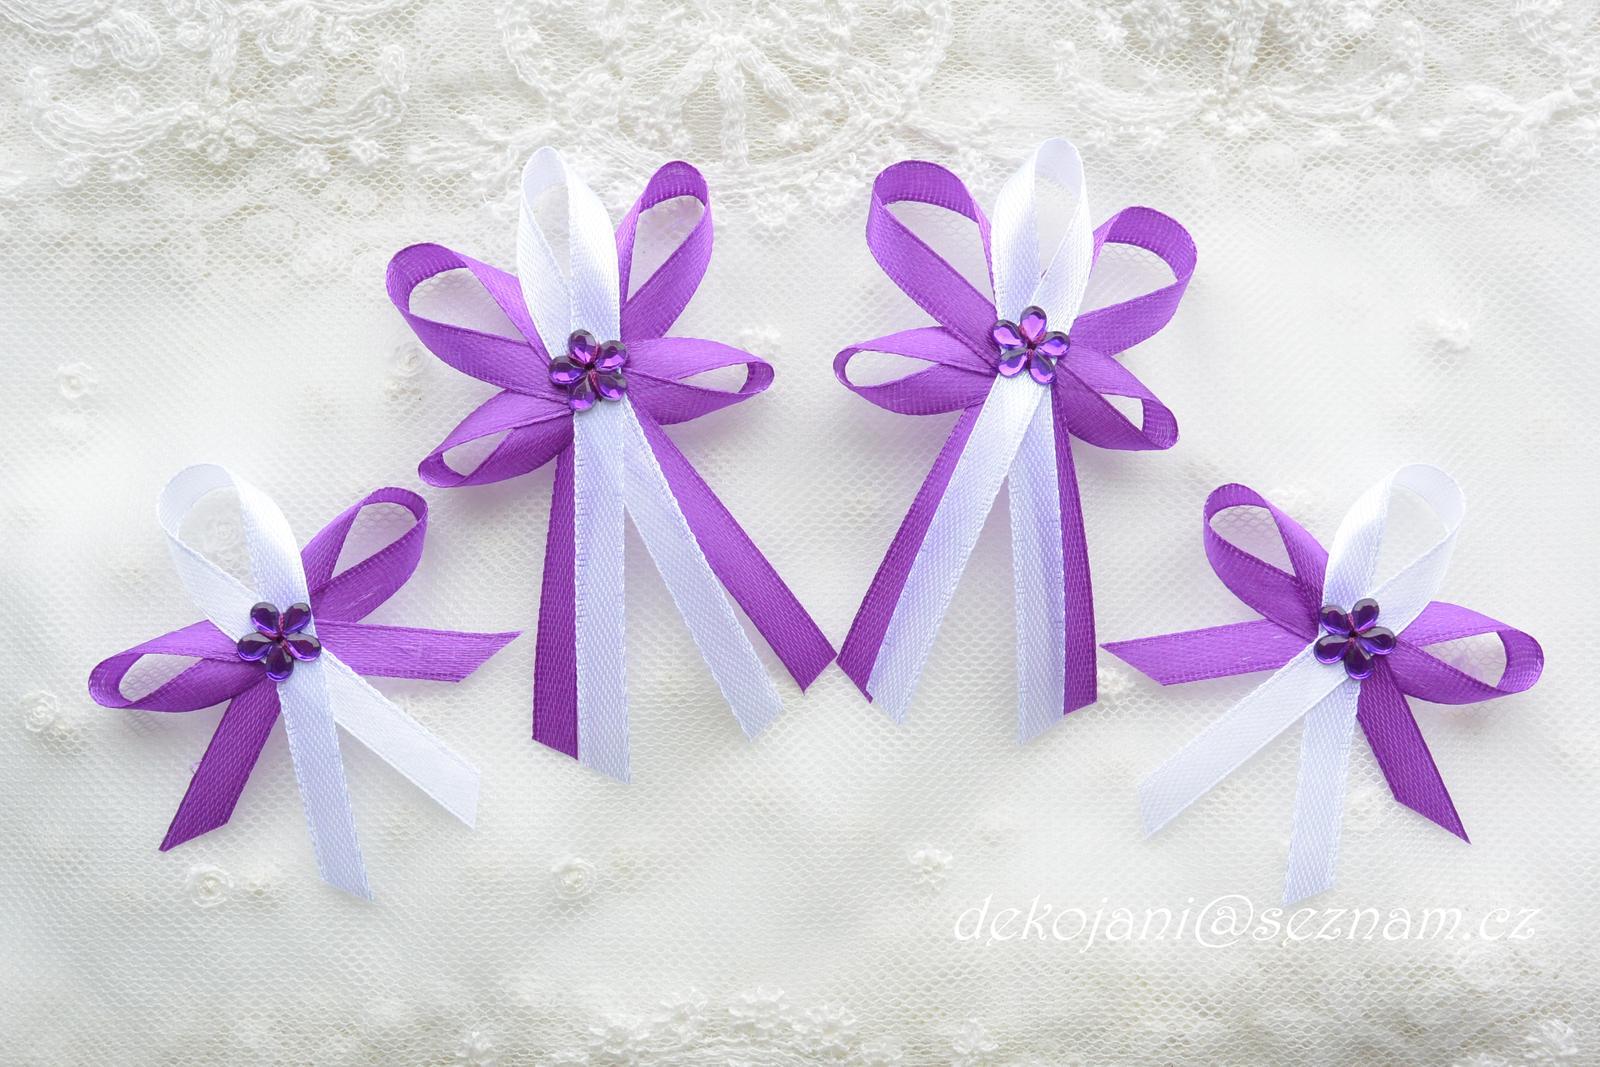 Svatební dekorace vše v barvách na přání! - Obrázek č. 7